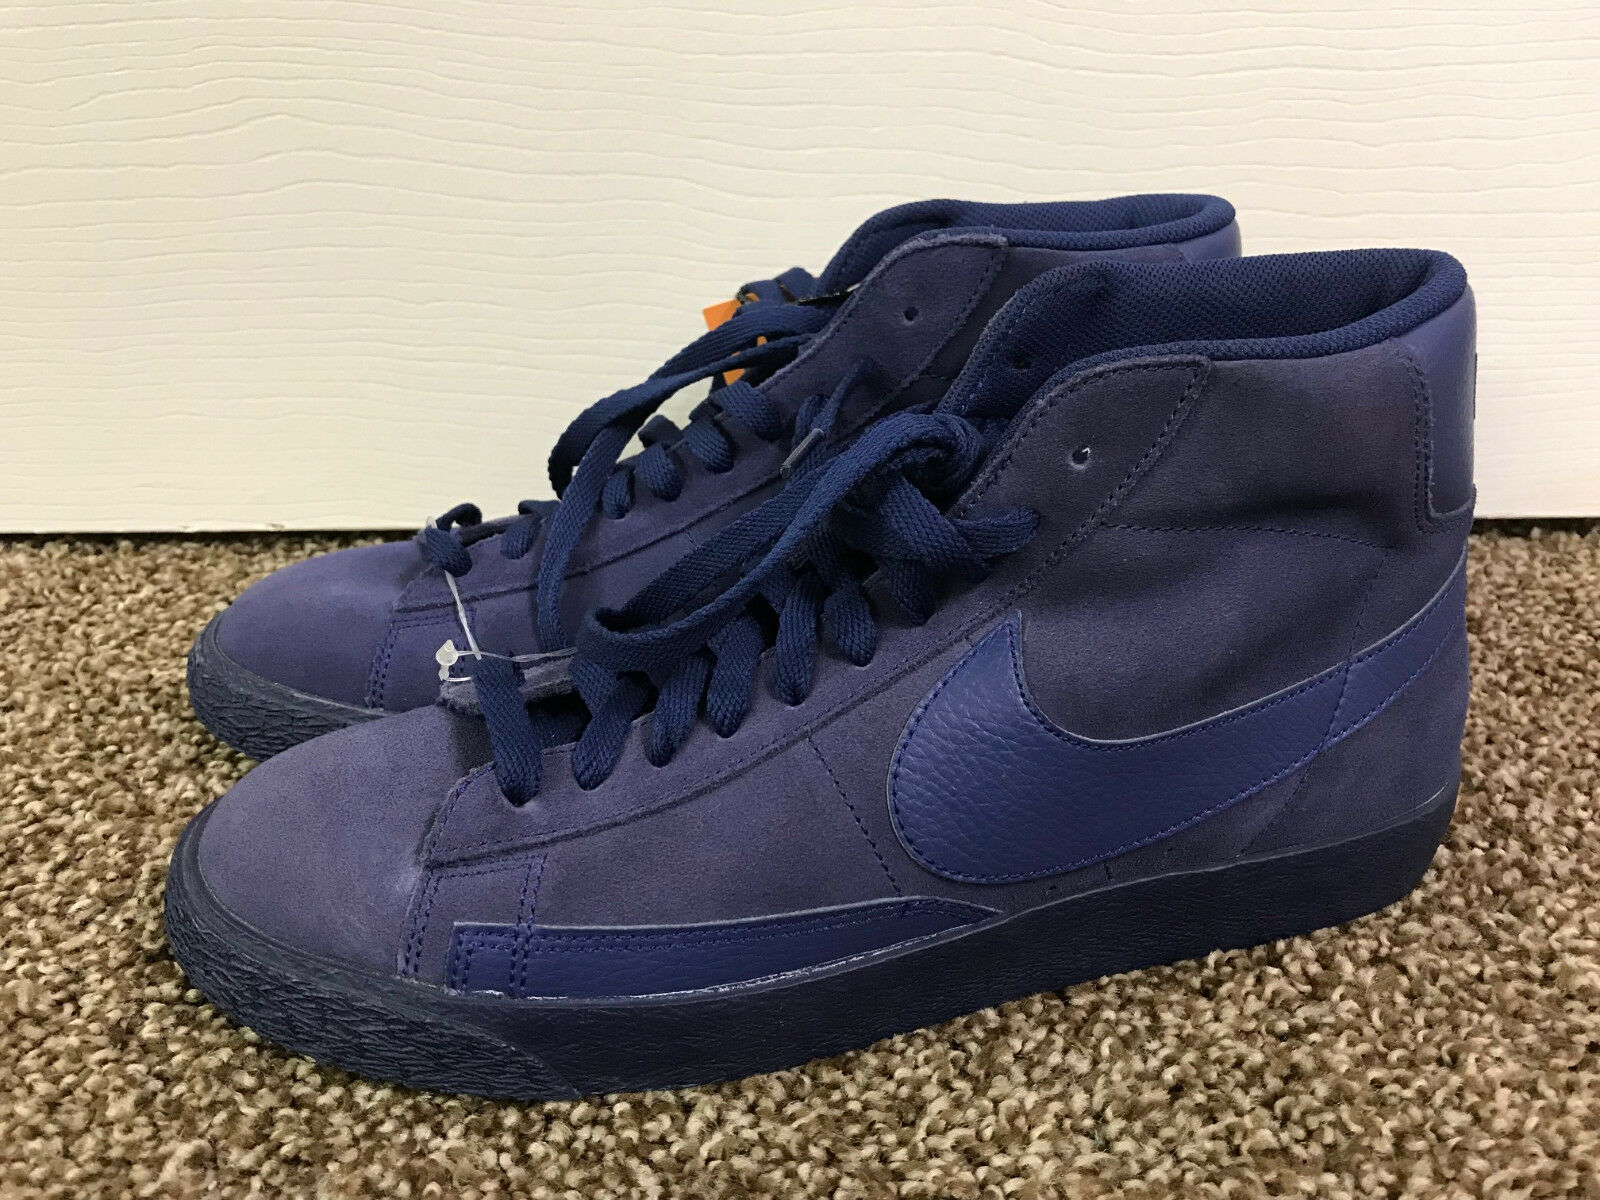 basket - ball nike blazer vintage mi mi mi - prime taille 10 (638261-404 loyal bleu) 2fa8dd